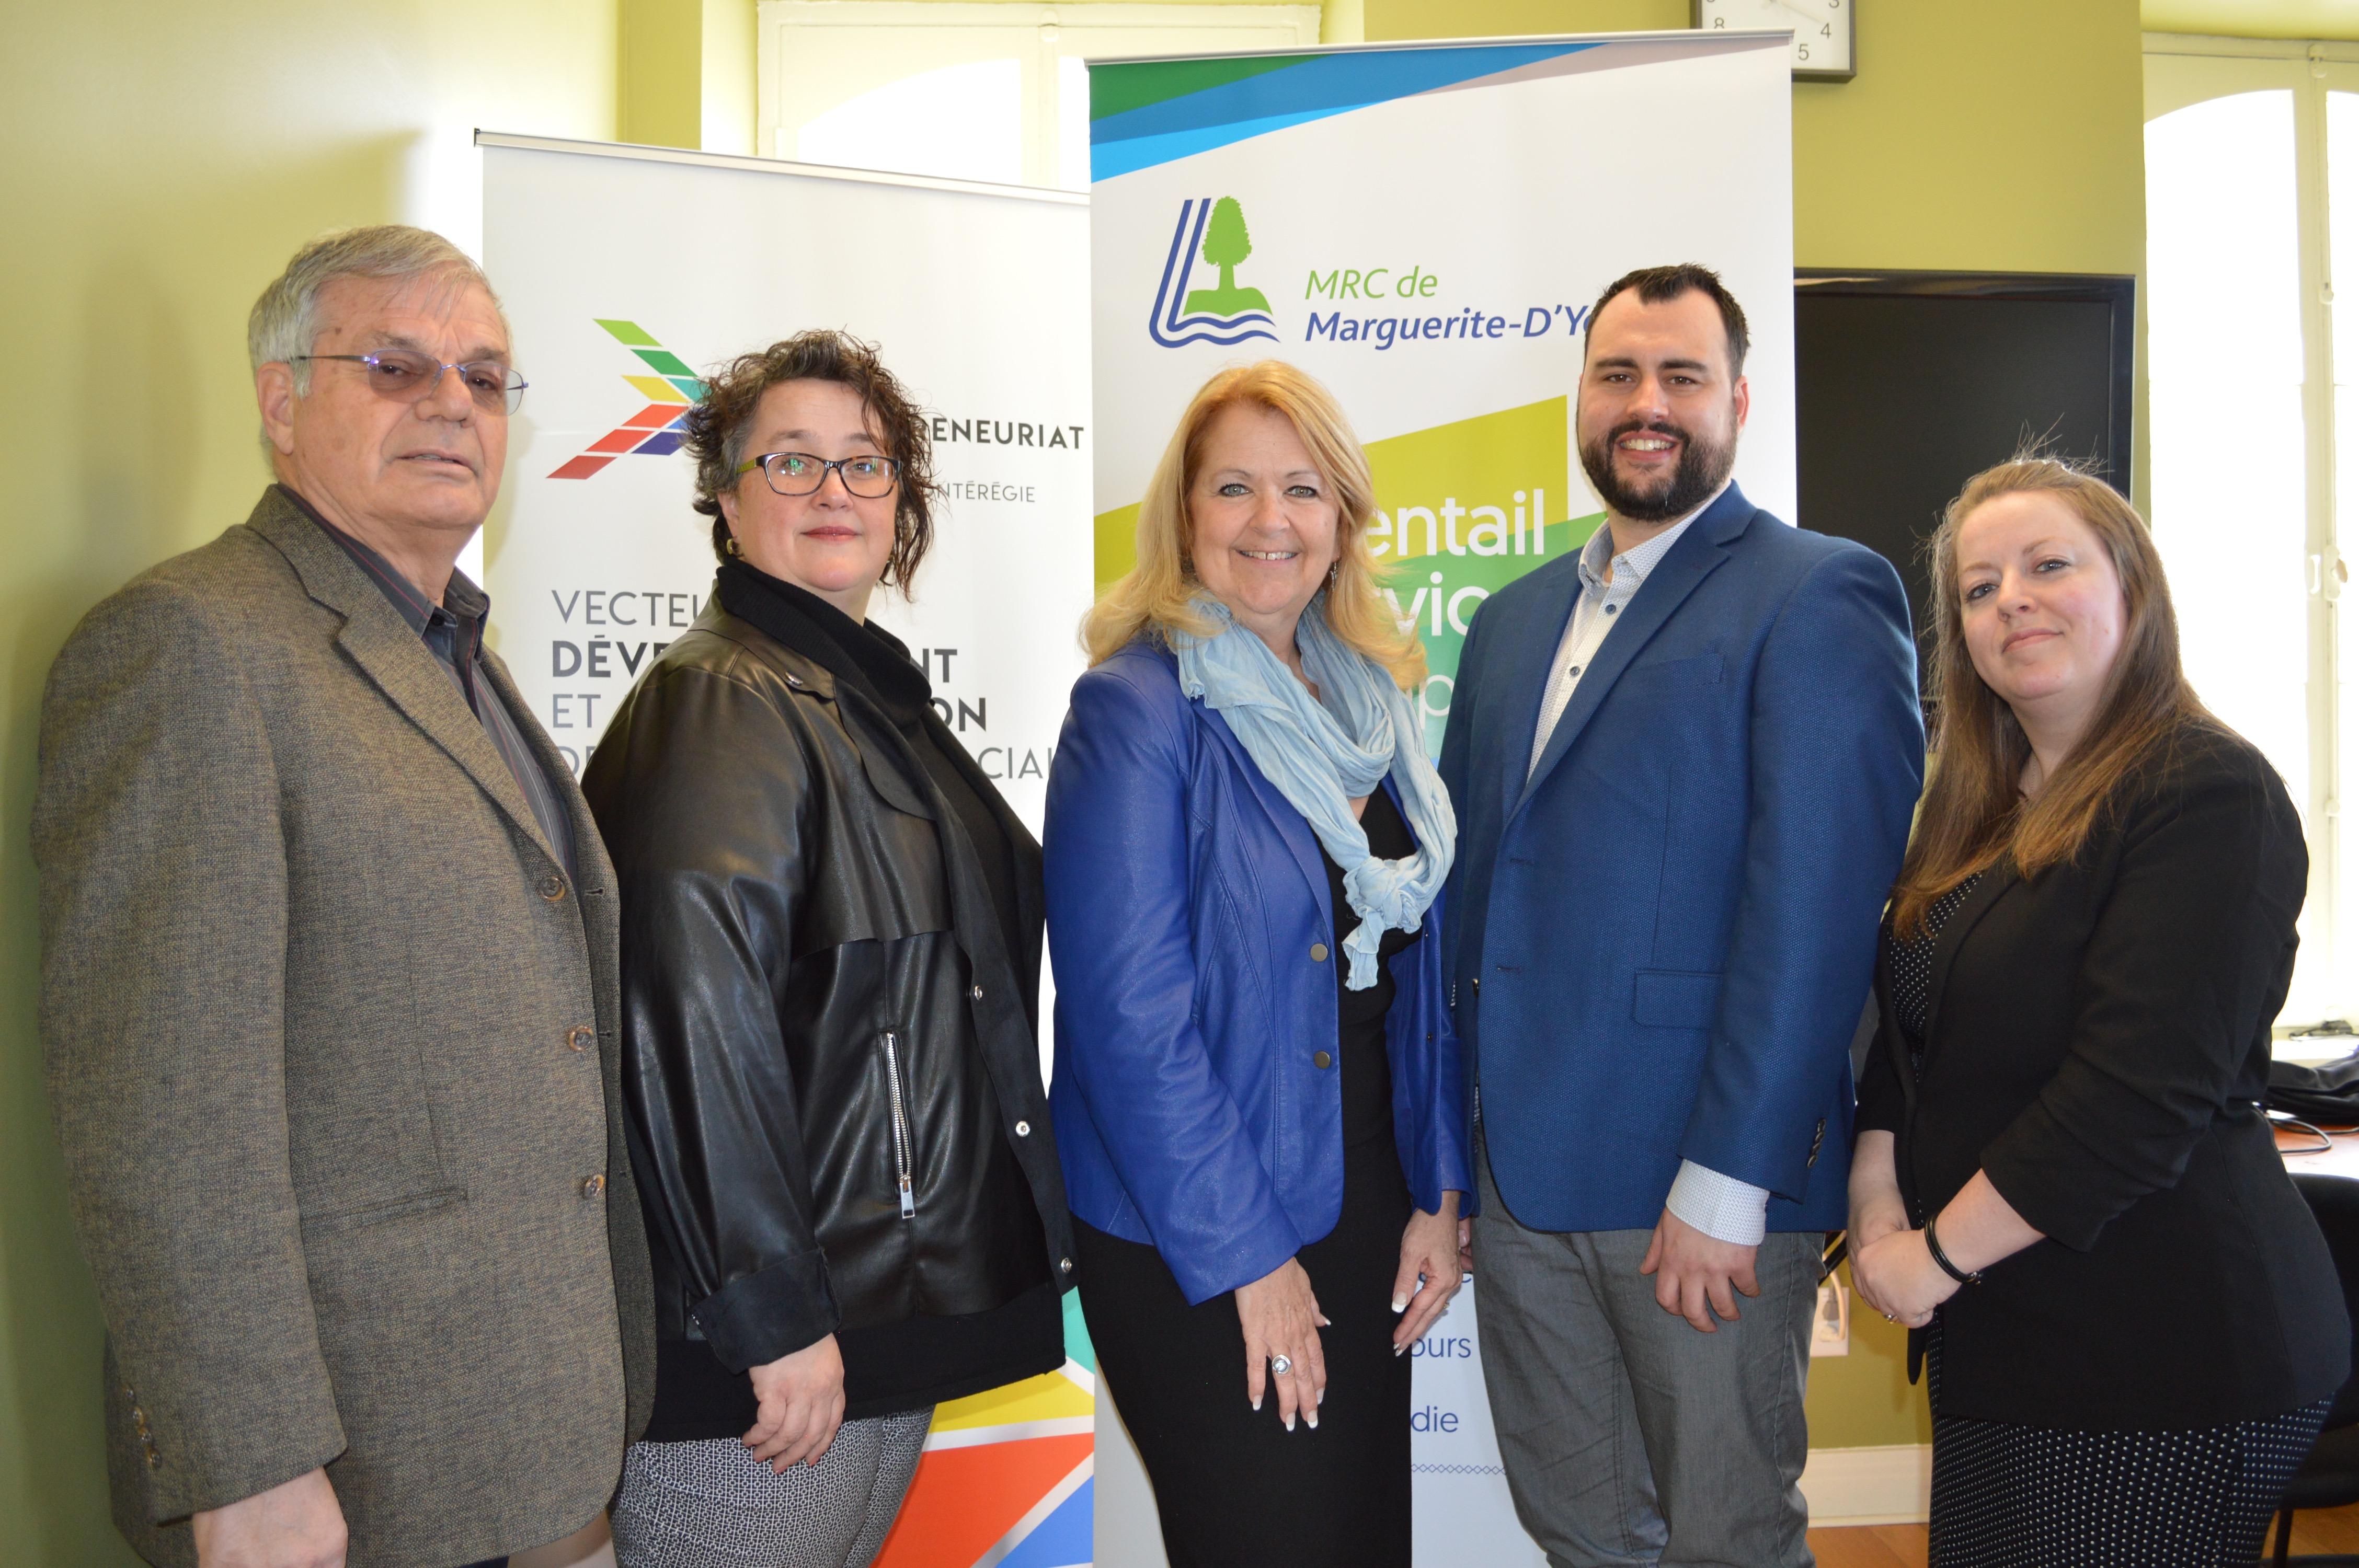 Deux entreprises de la MRC de Marguerite-D'Youville se partagent 10 000 $ en bourses